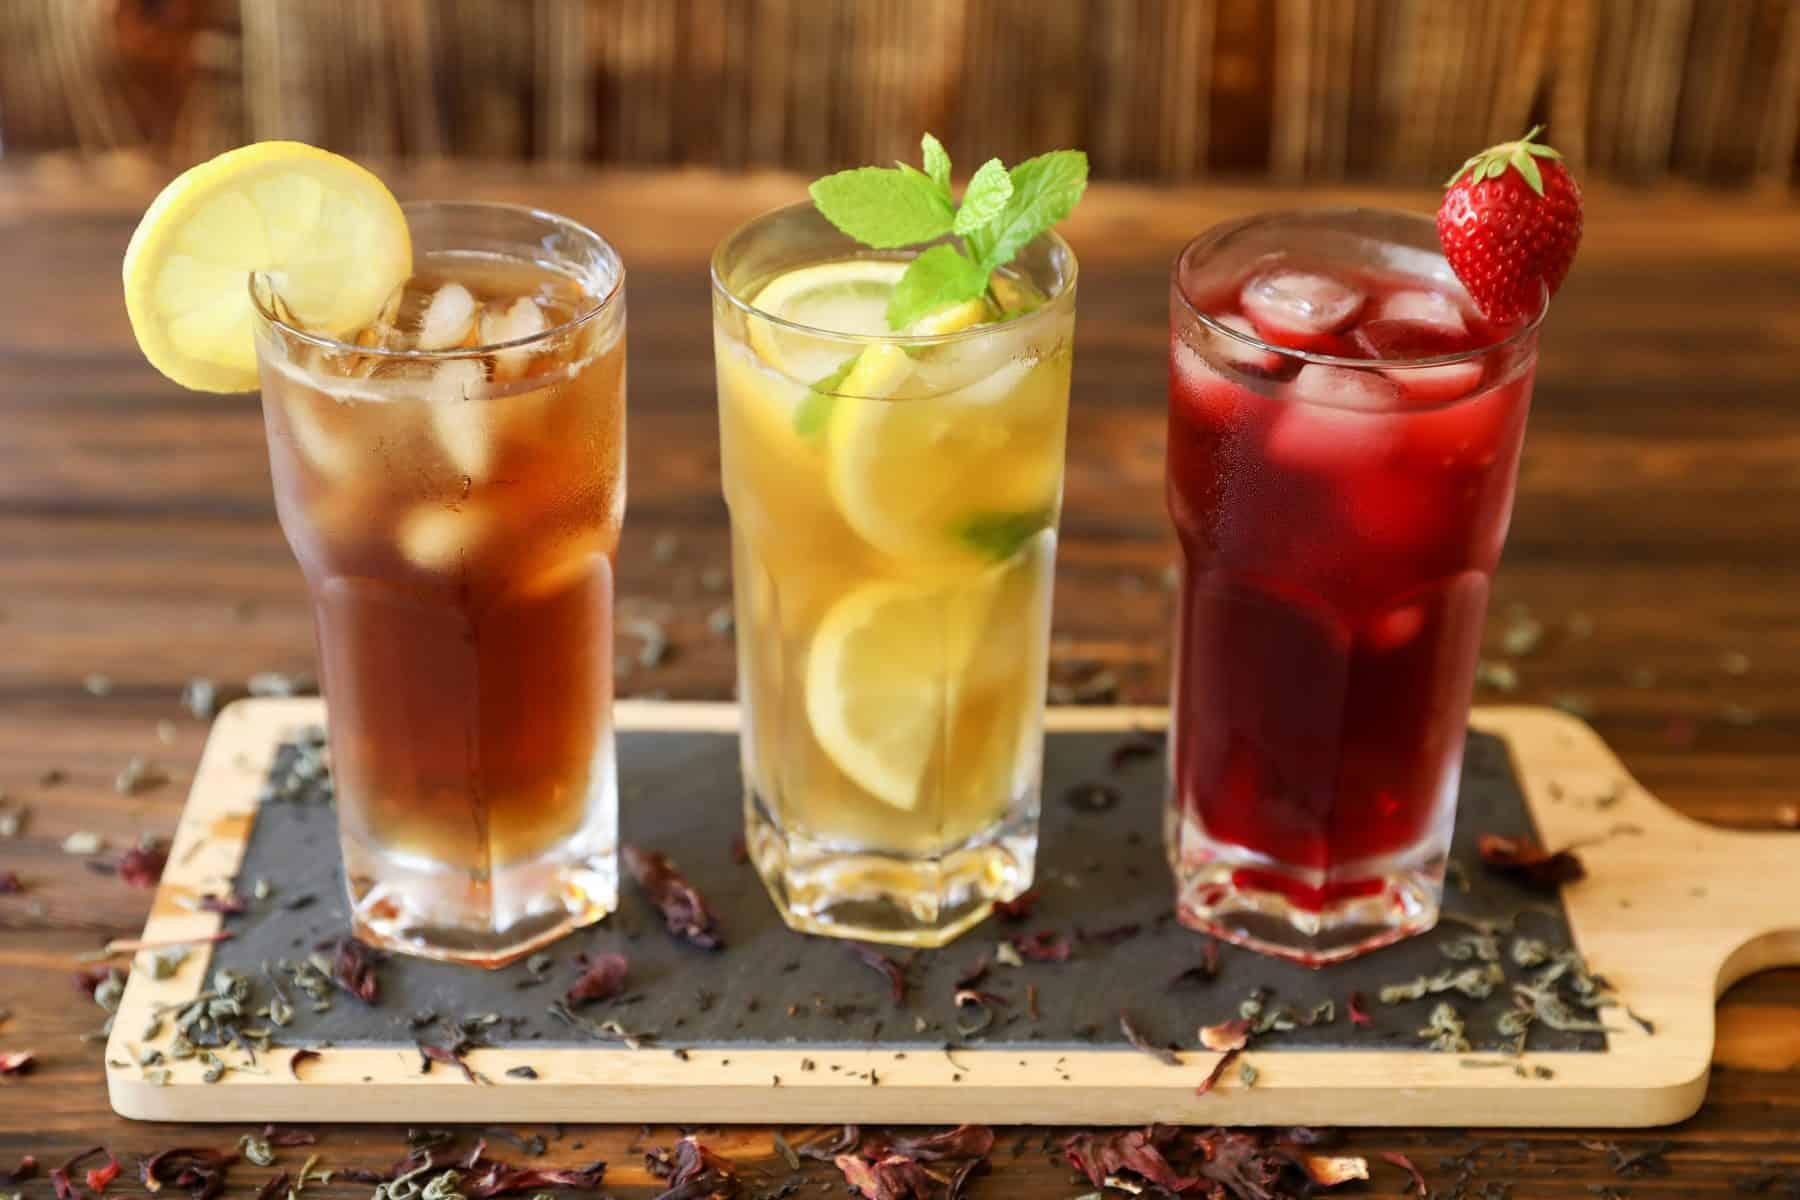 Beverage options in Denver